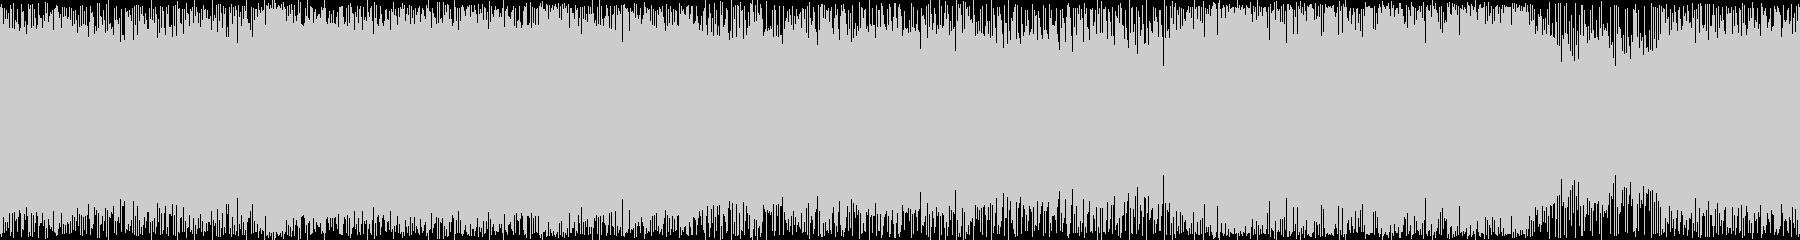 シンセリード・ロック系の通常戦闘風1の未再生の波形